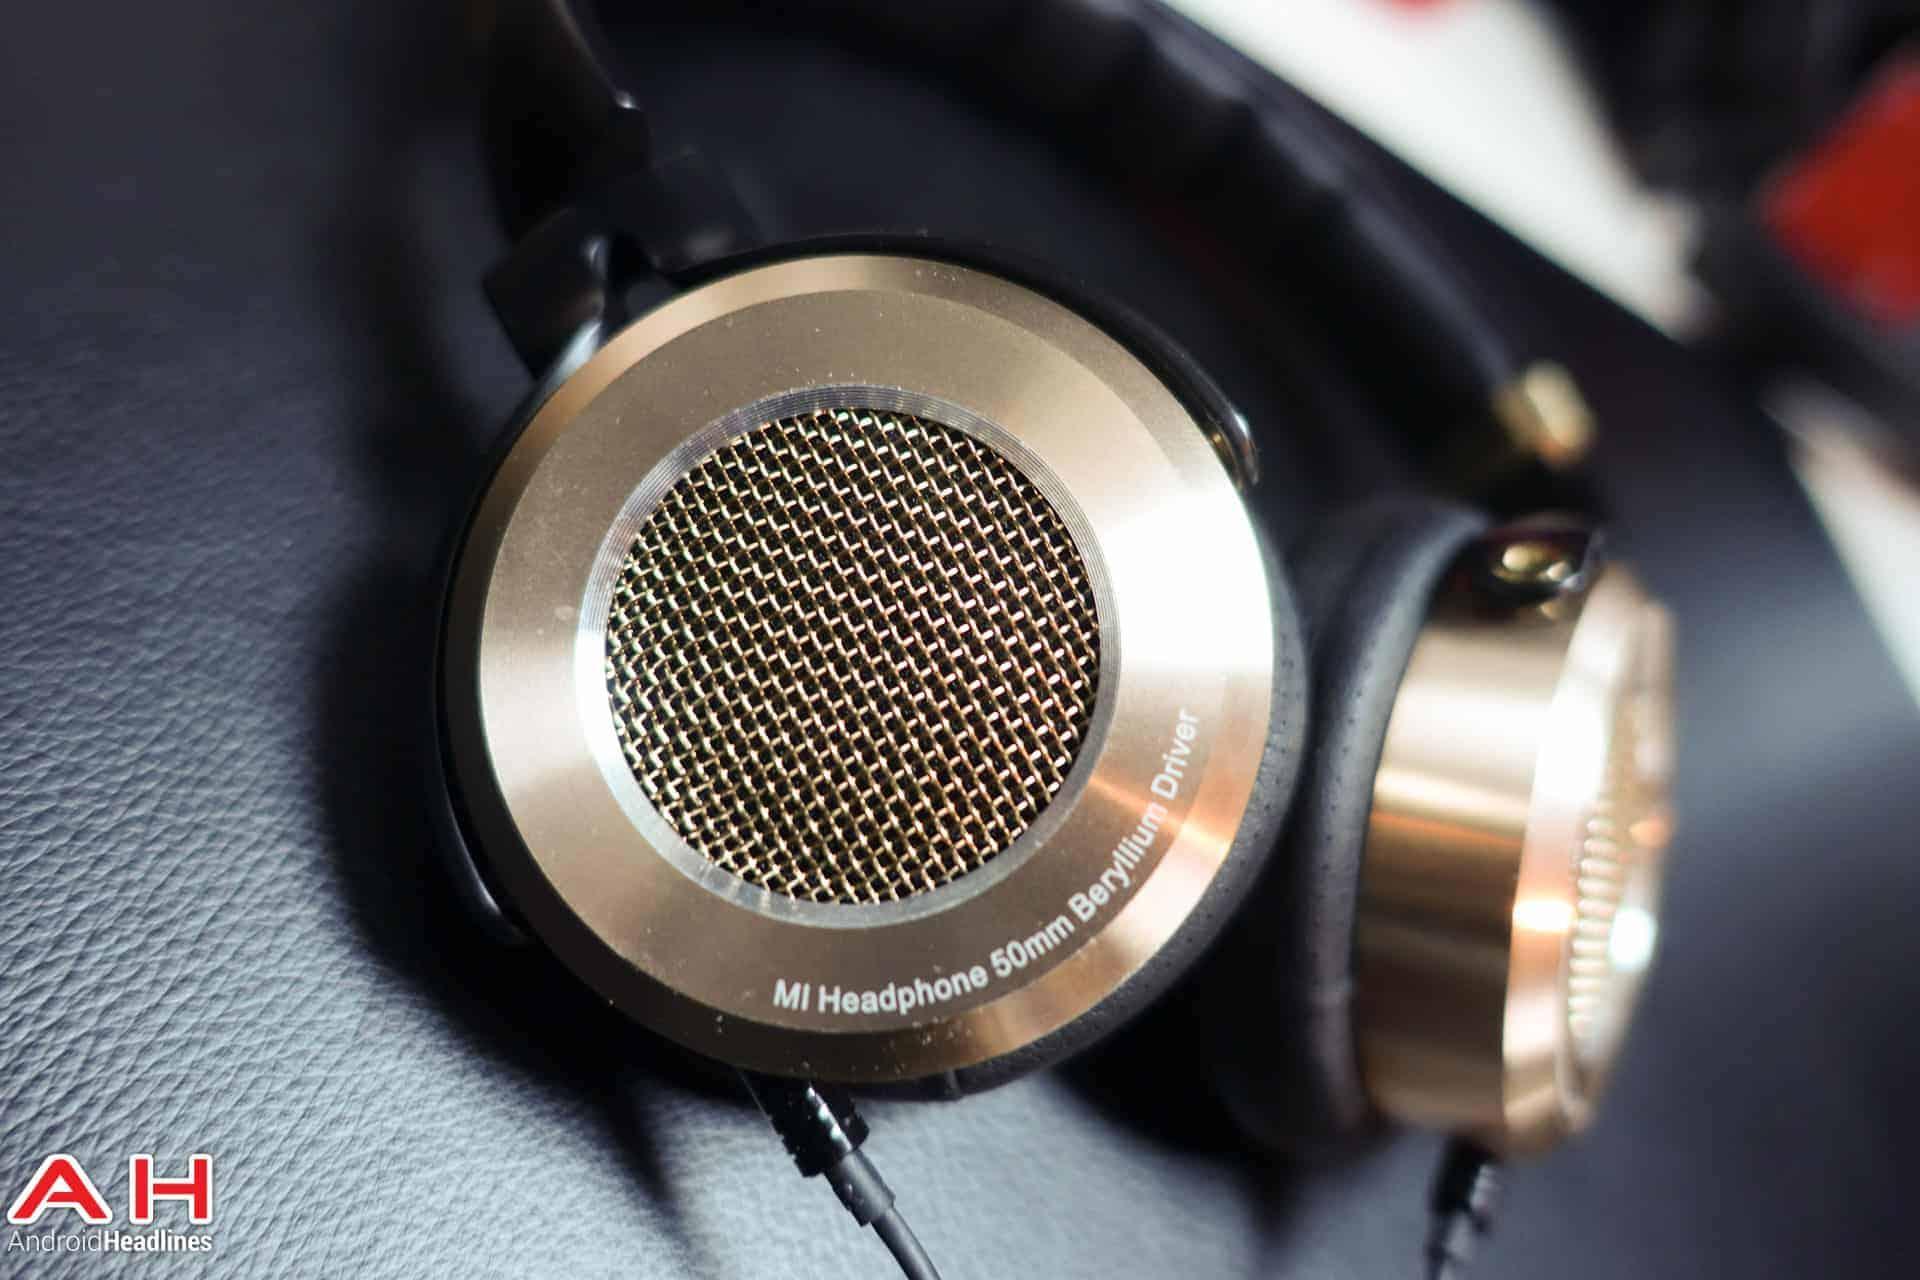 Xiaomi Mi headphones AH 03919